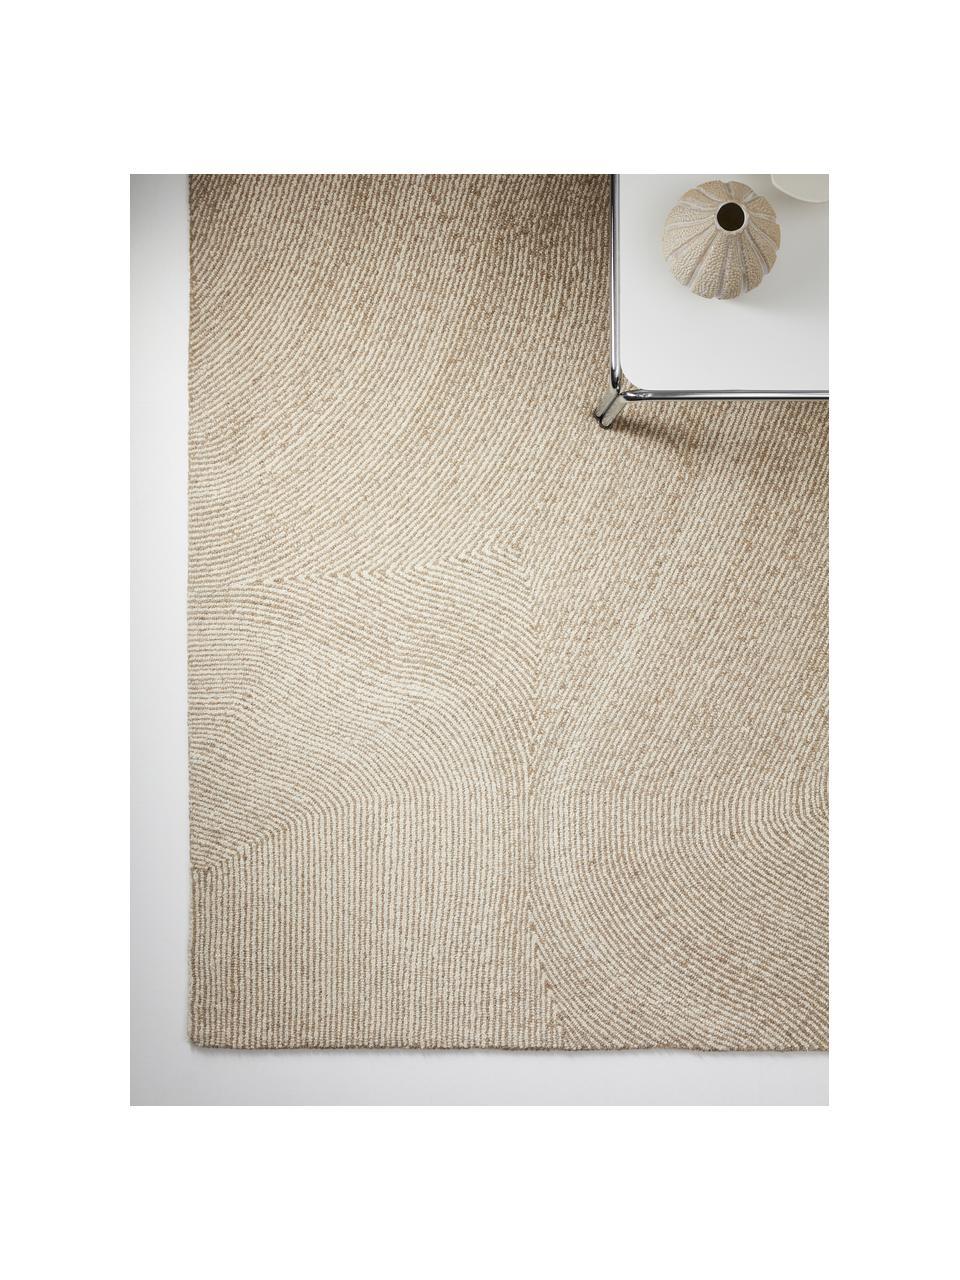 Ręcznie tkany dywan Canyon, 51% poliester, 49% wełna, Beżowy, S 200 x D 300 cm (Rozmiar L)